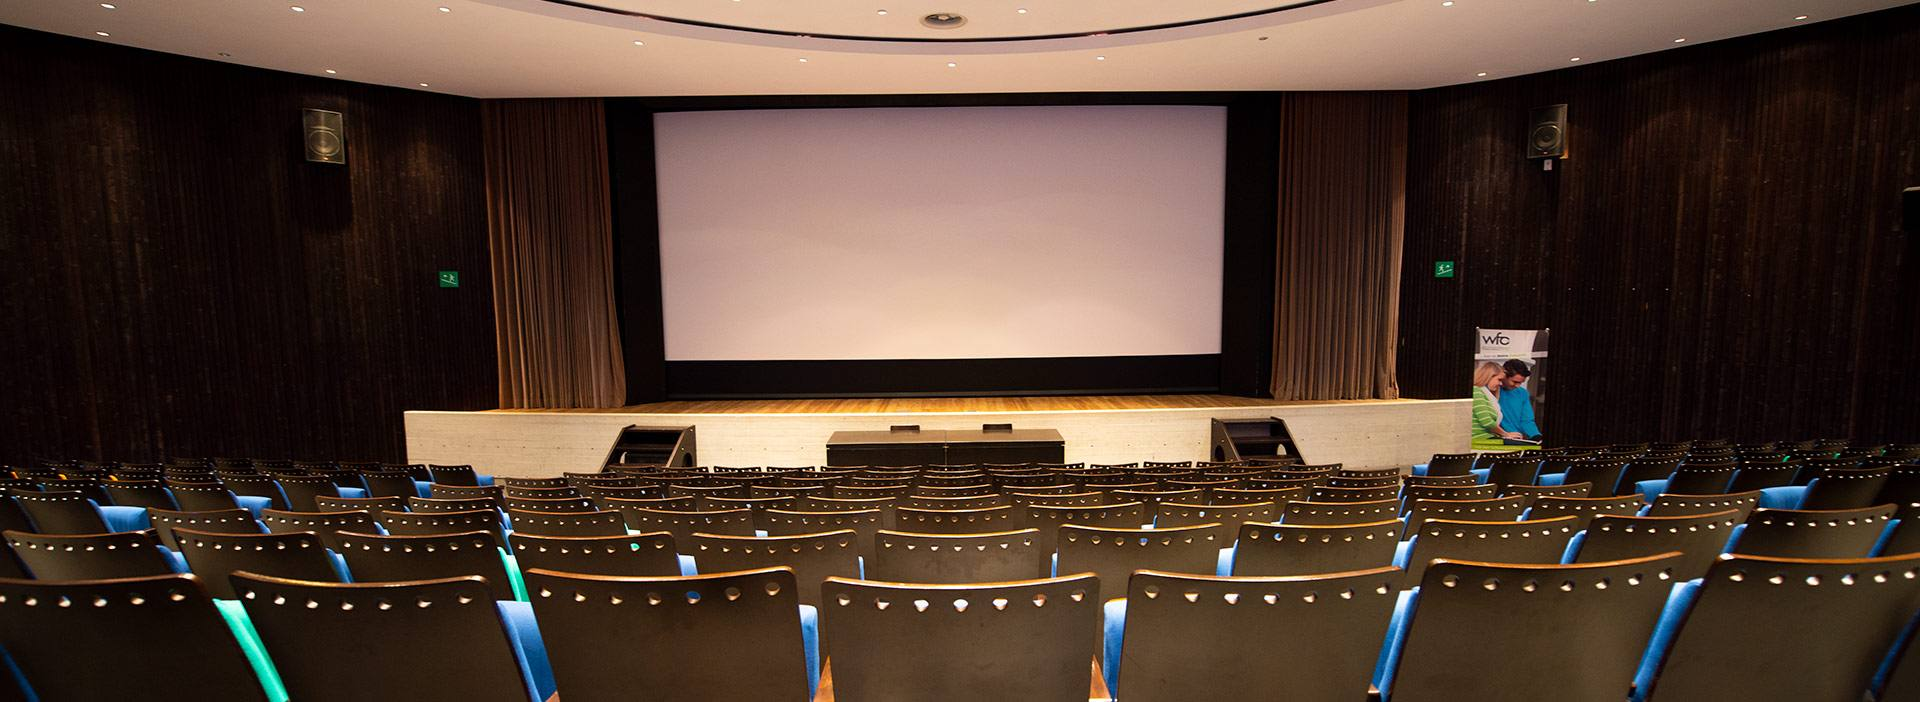 Filmclub – Cinema Ariston Merano